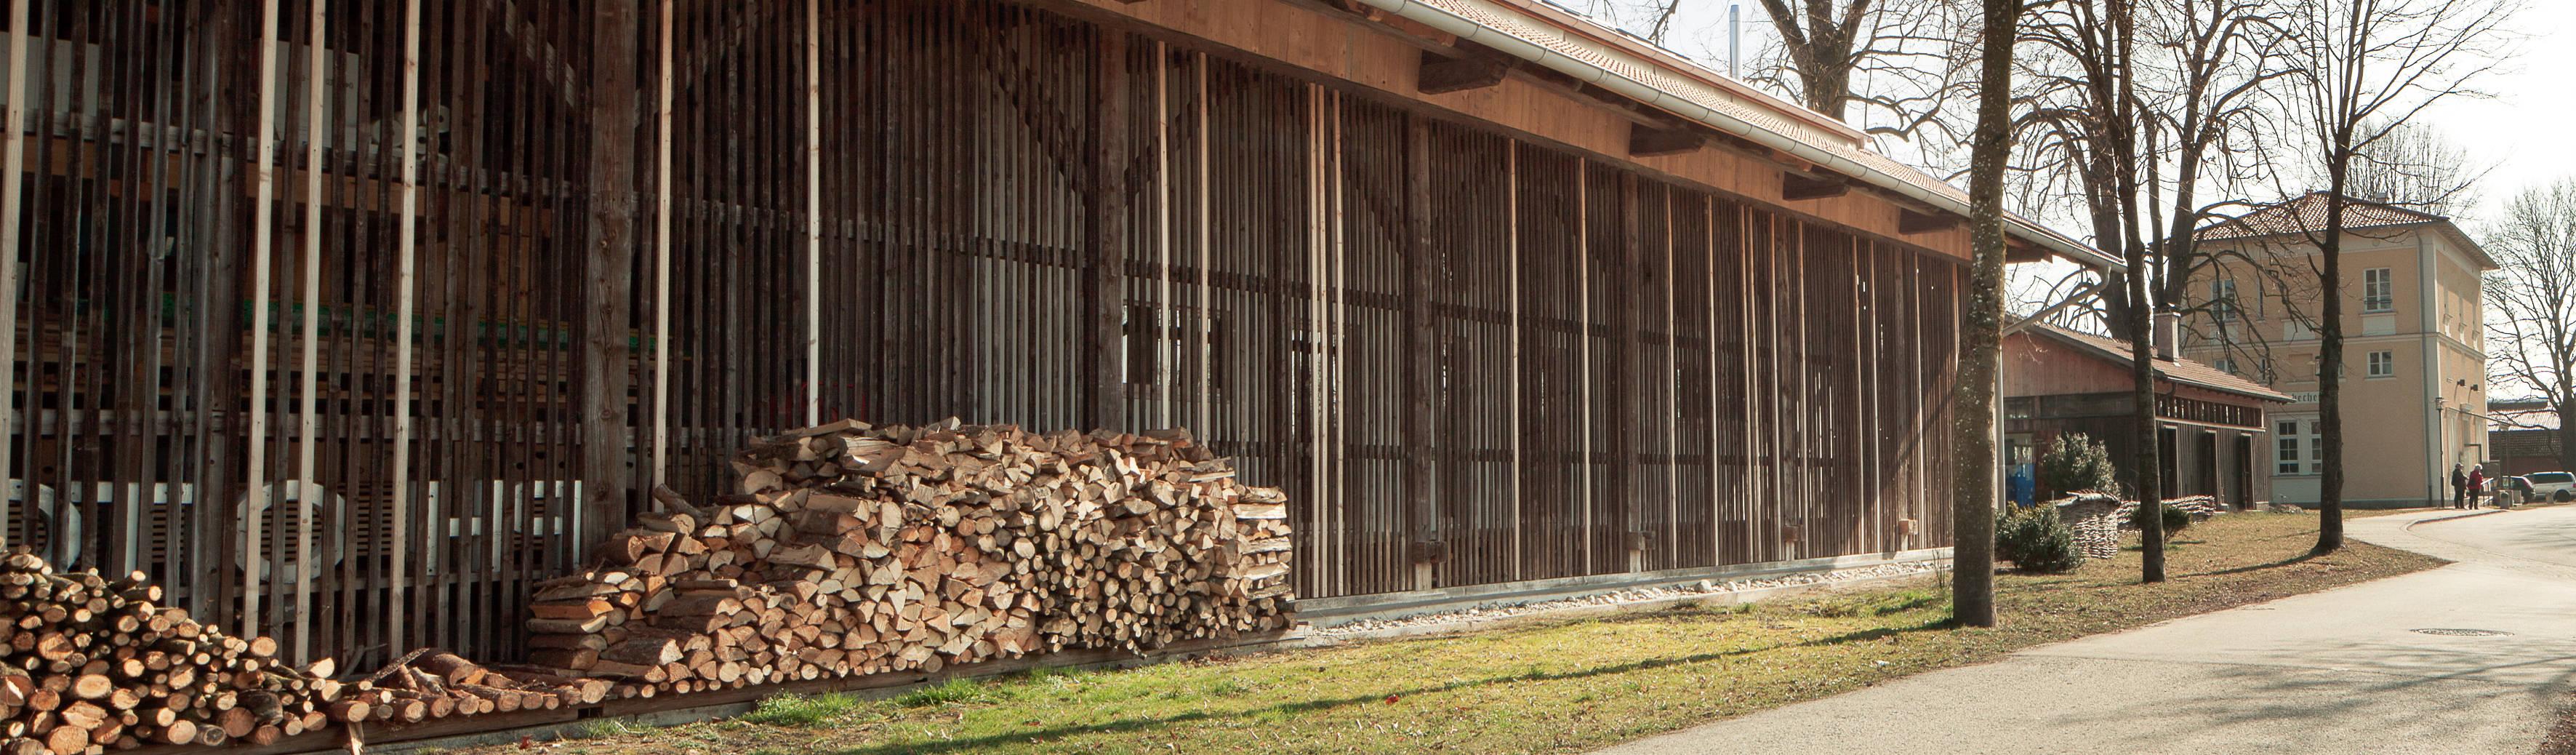 Wohnen Und Arbeiten In Der Torfremise Schechen Von Ziegert Roswag